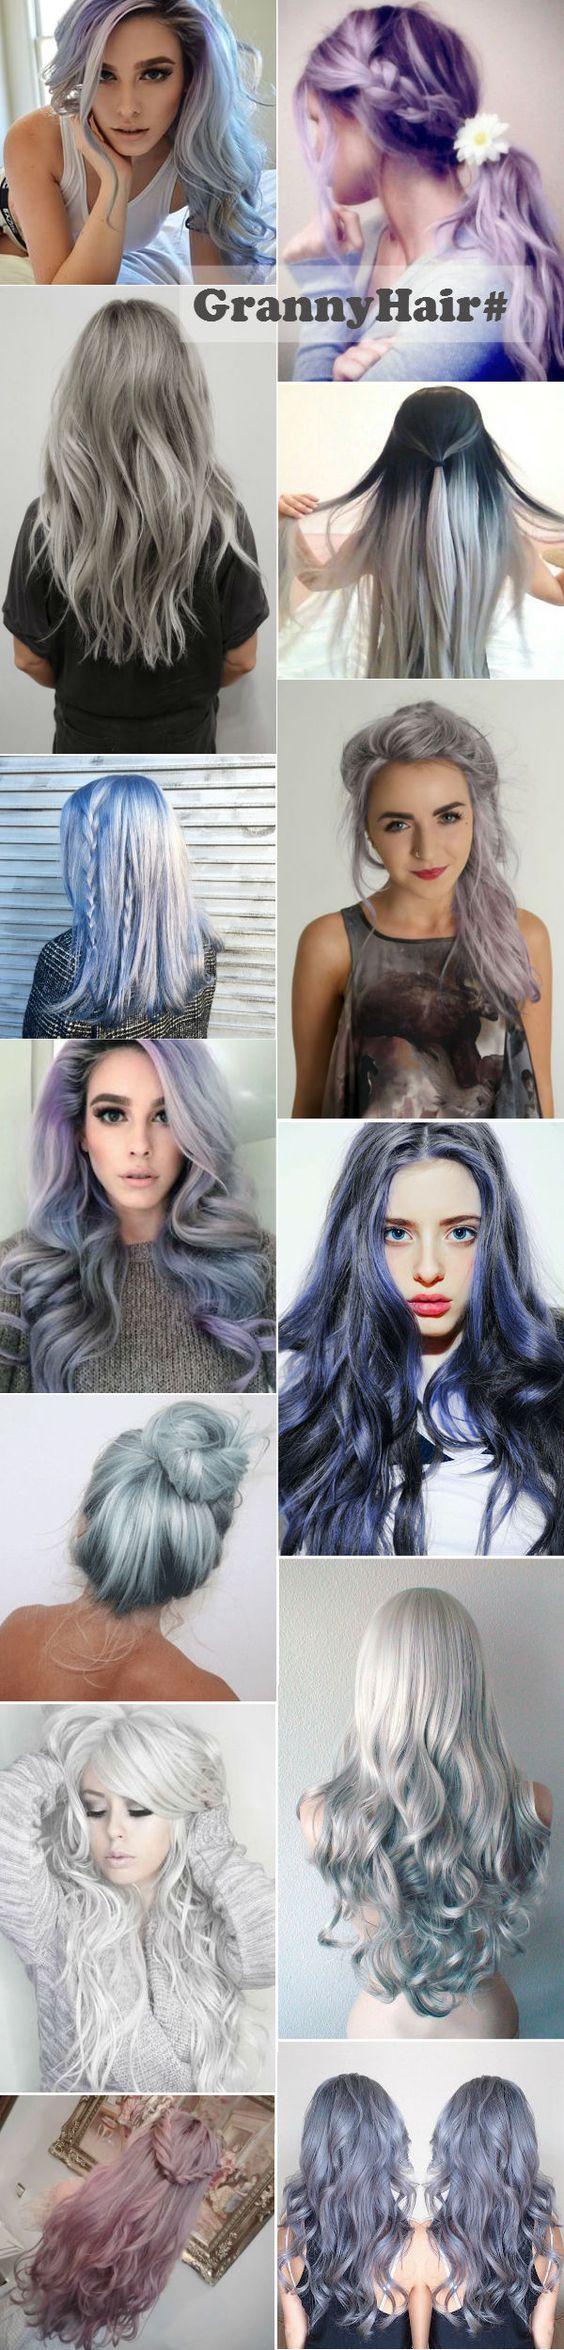 best personal images on pinterest cabello de colores colourful